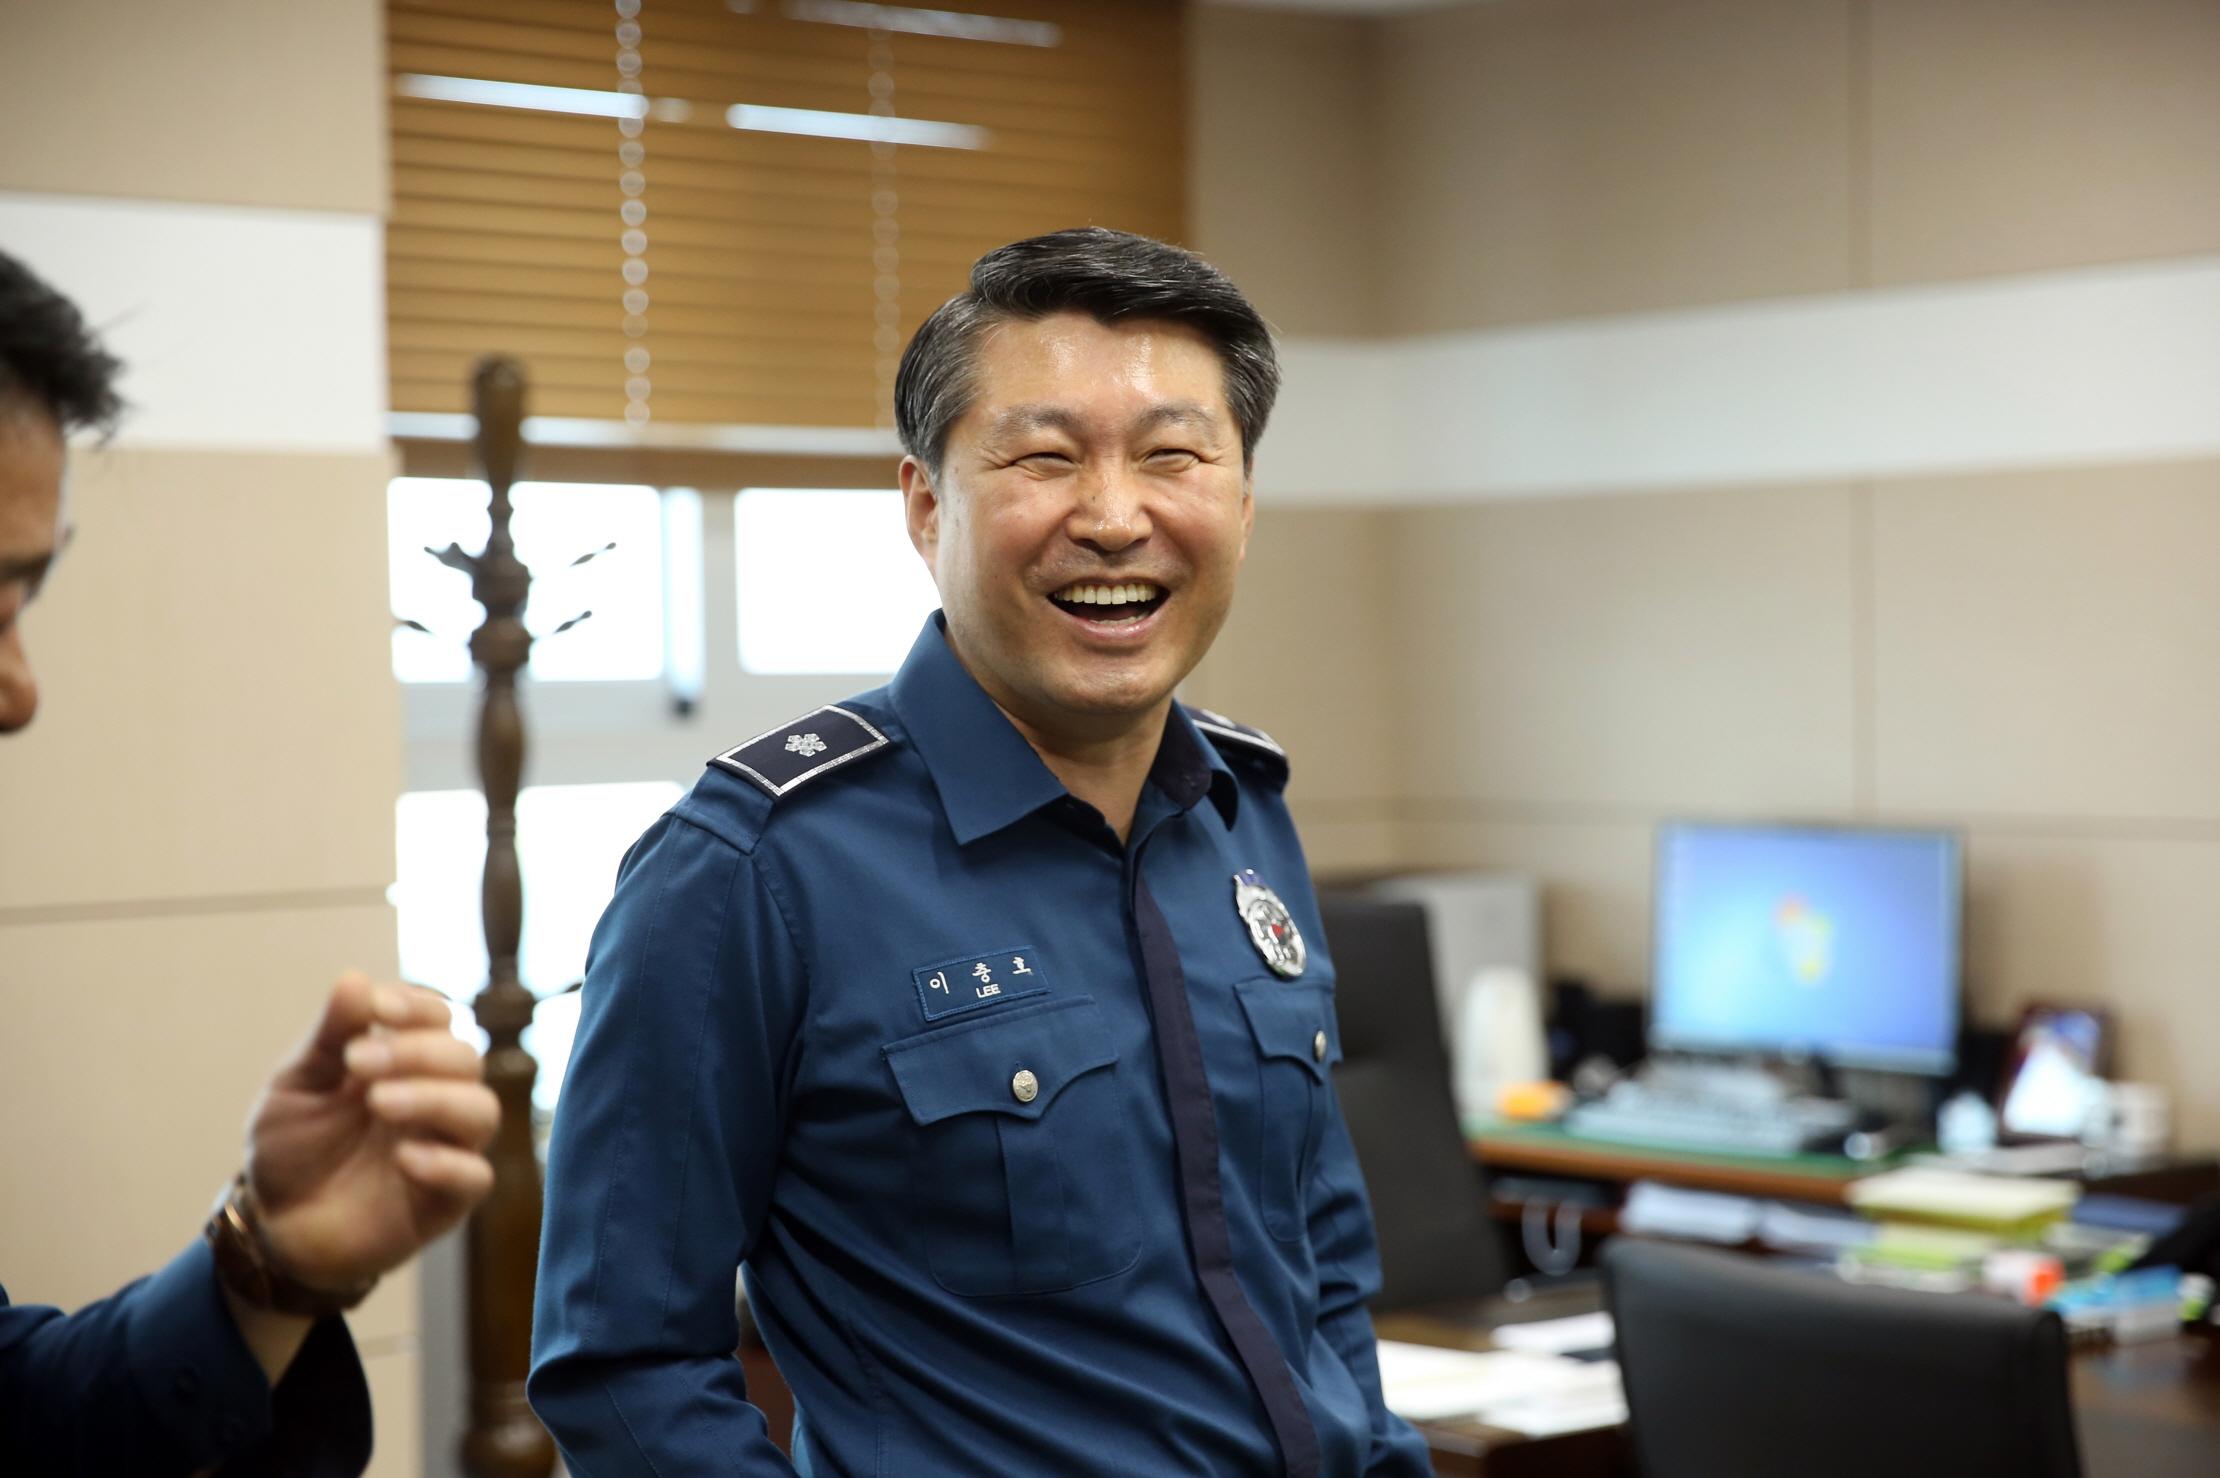 충남경찰청 2부장 이충호 경무관 취임 100일